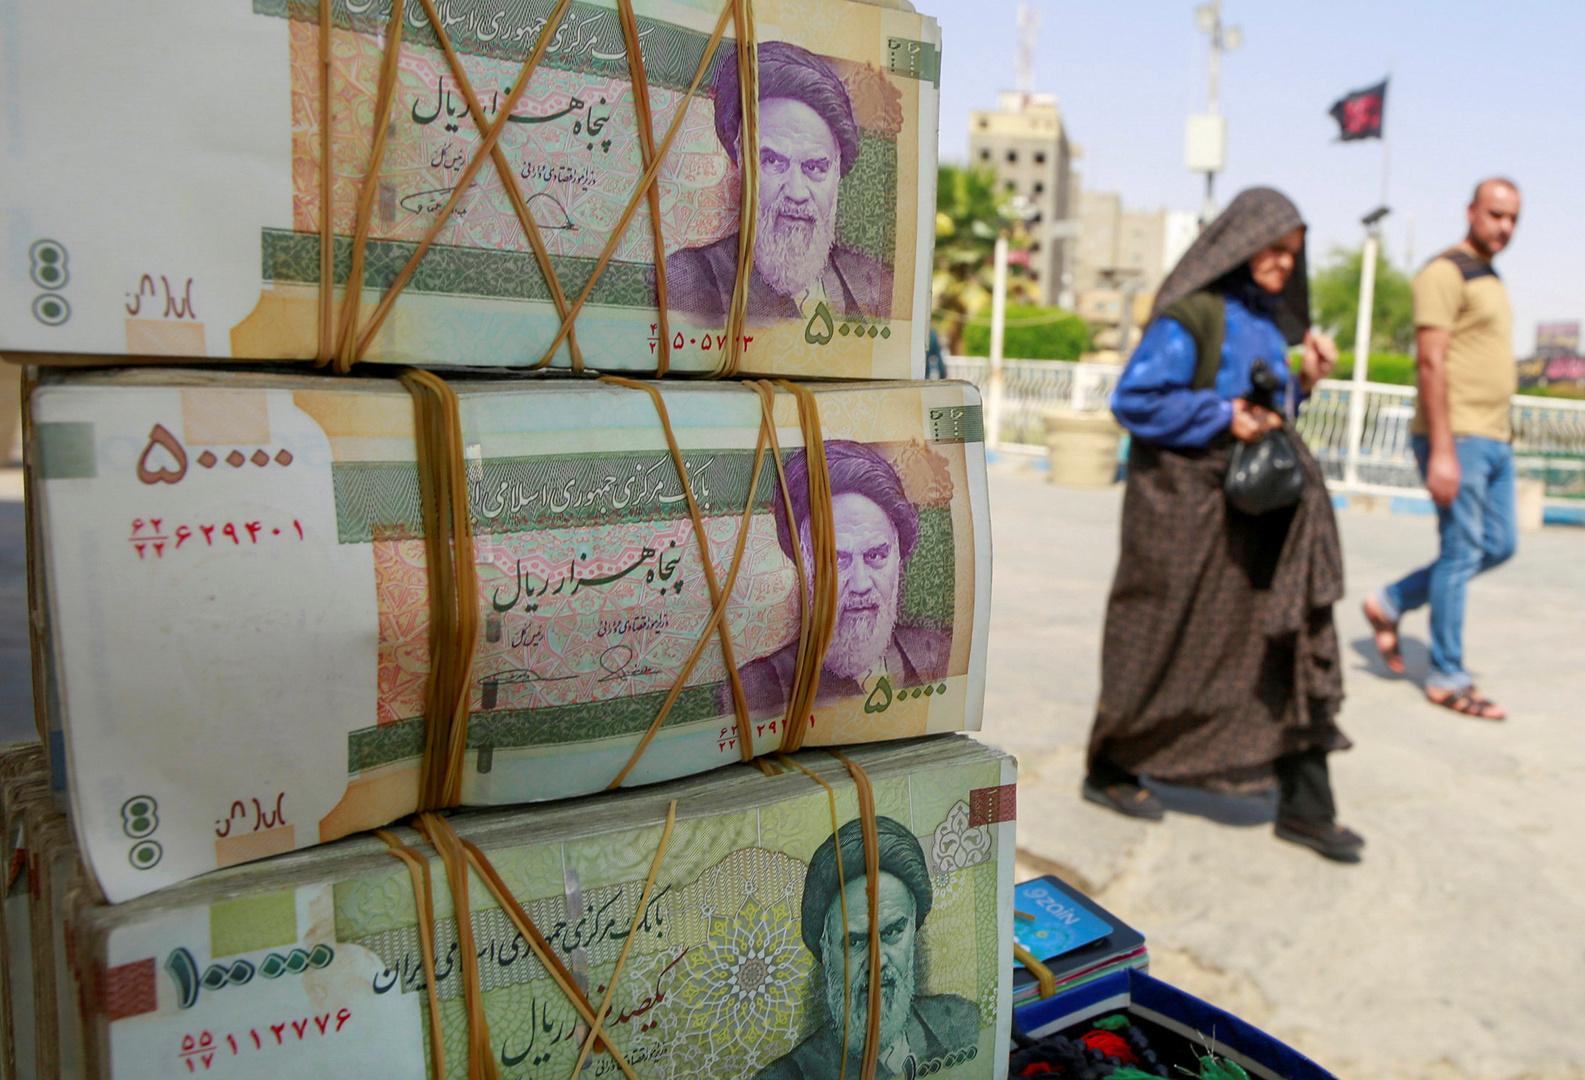 البرلمان الإيراني يقرر نظام الحصص الغذائية